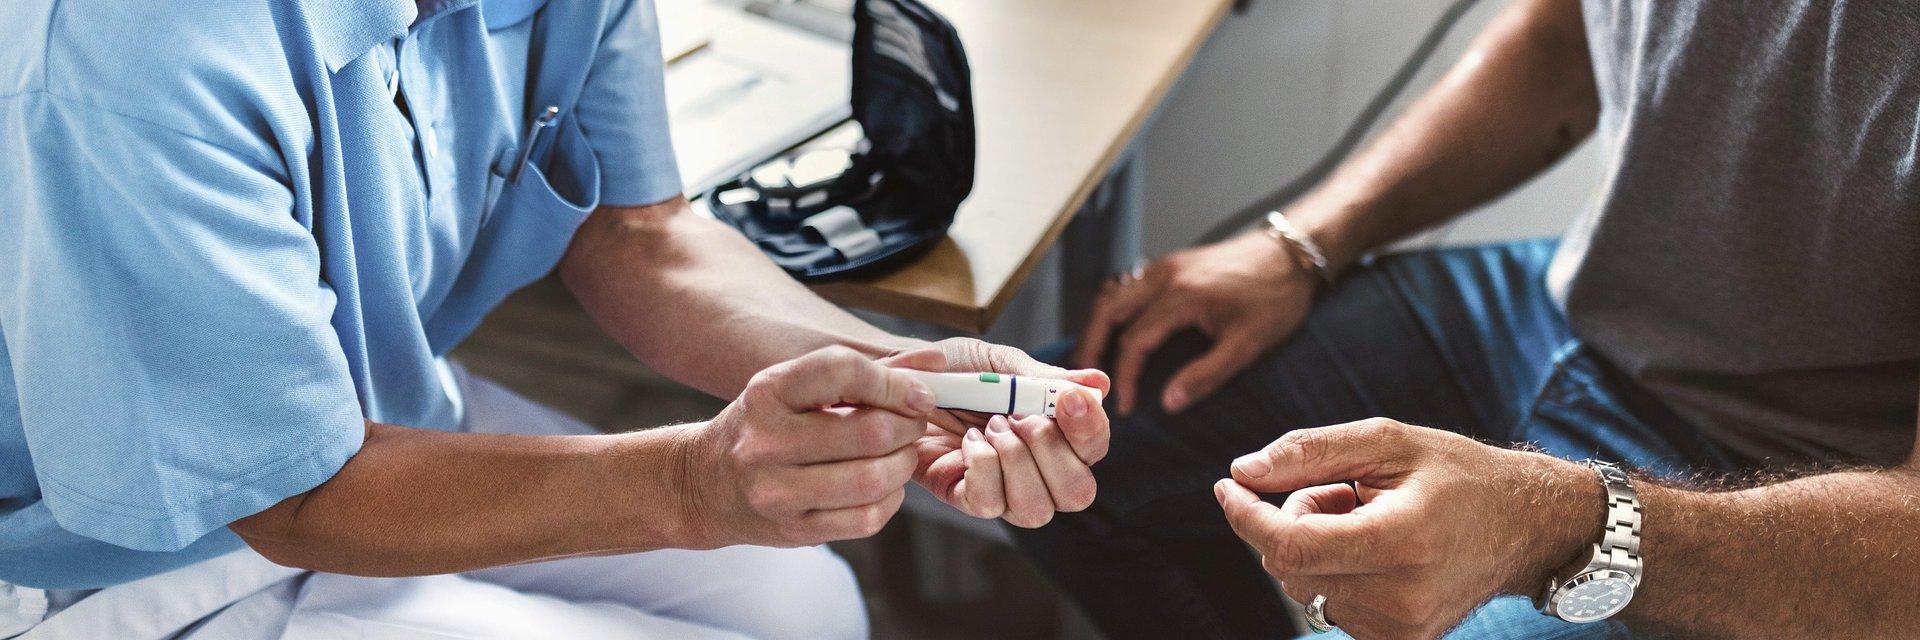 Cukrzyca – niewidzialna pandemia